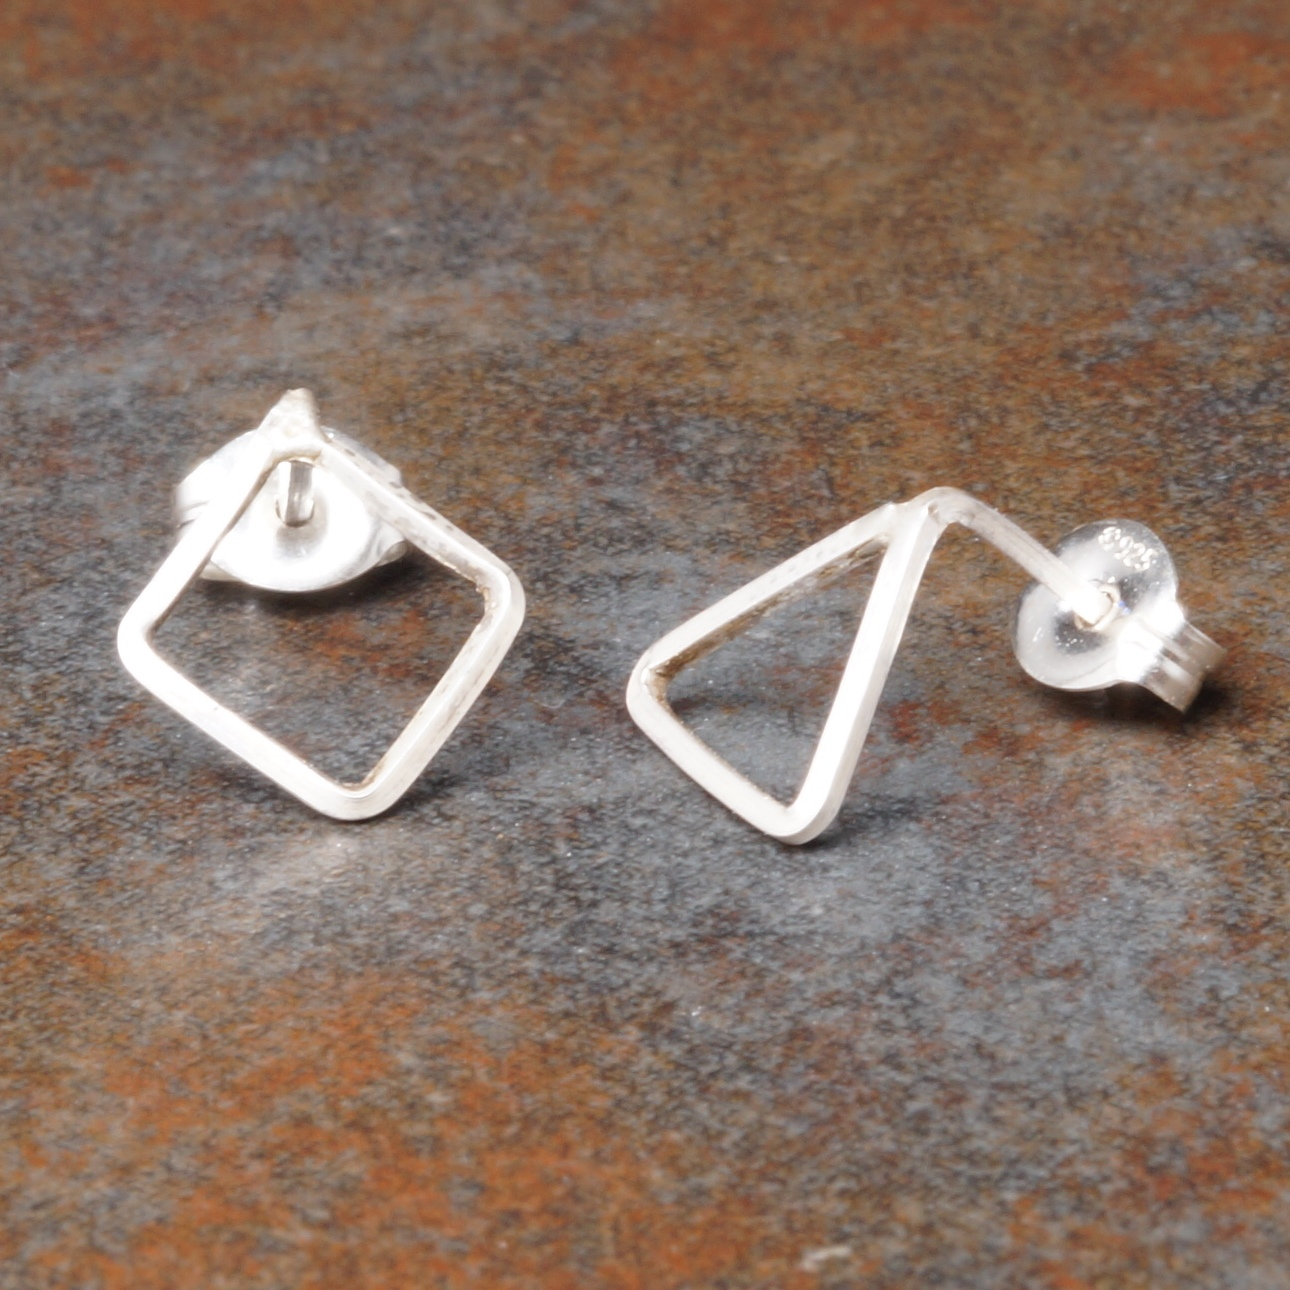 Handmade Sterling Silver Triangle Diamond Asymmetric Studs